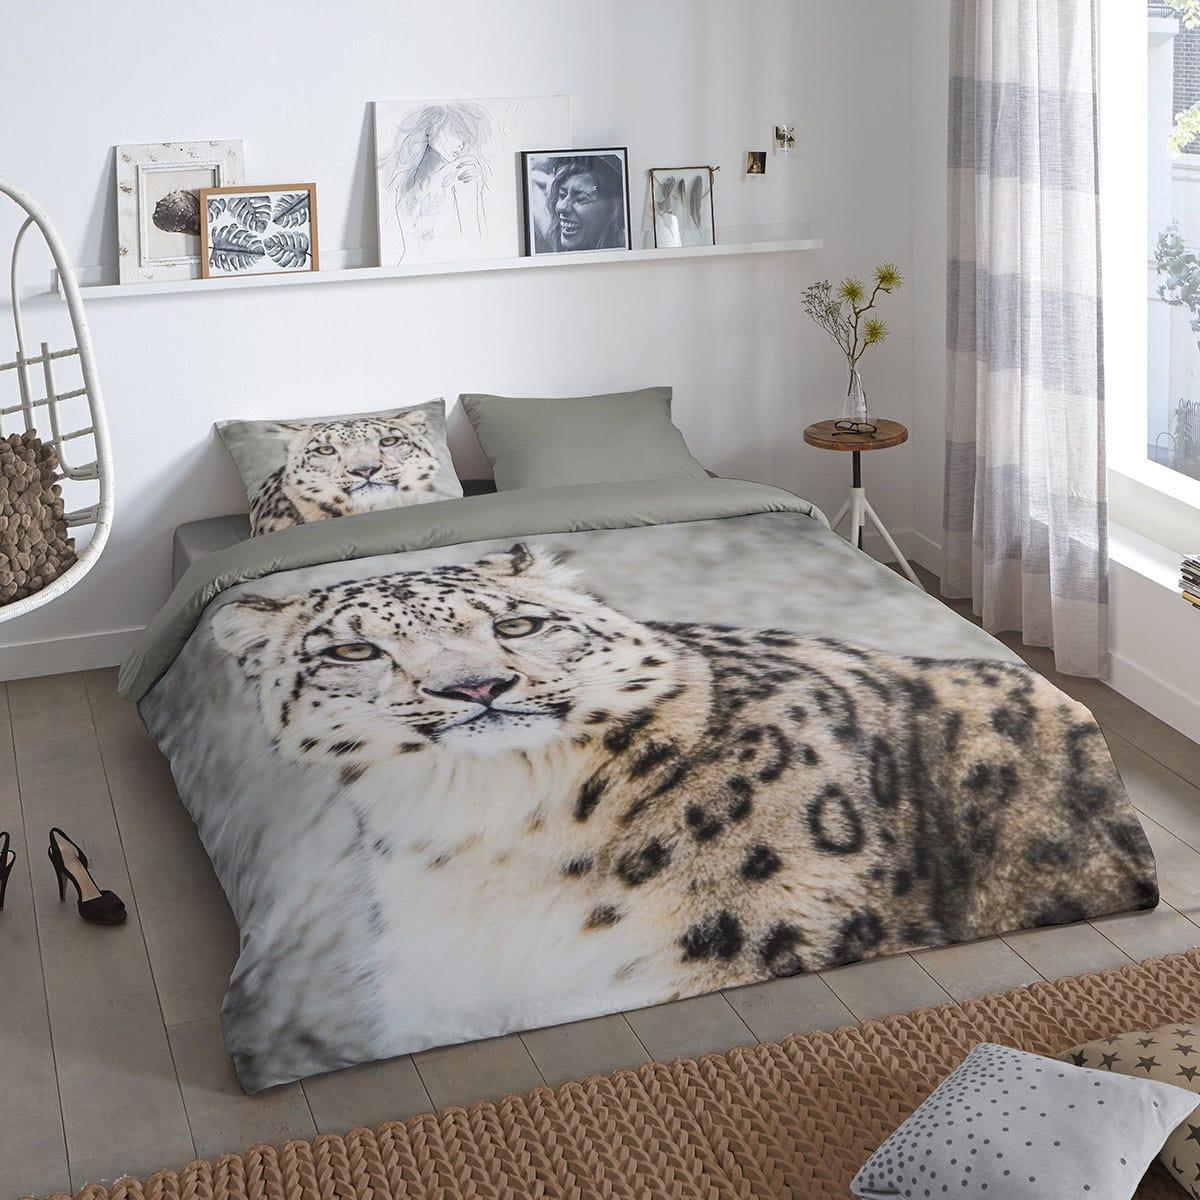 Leopard bettwsche